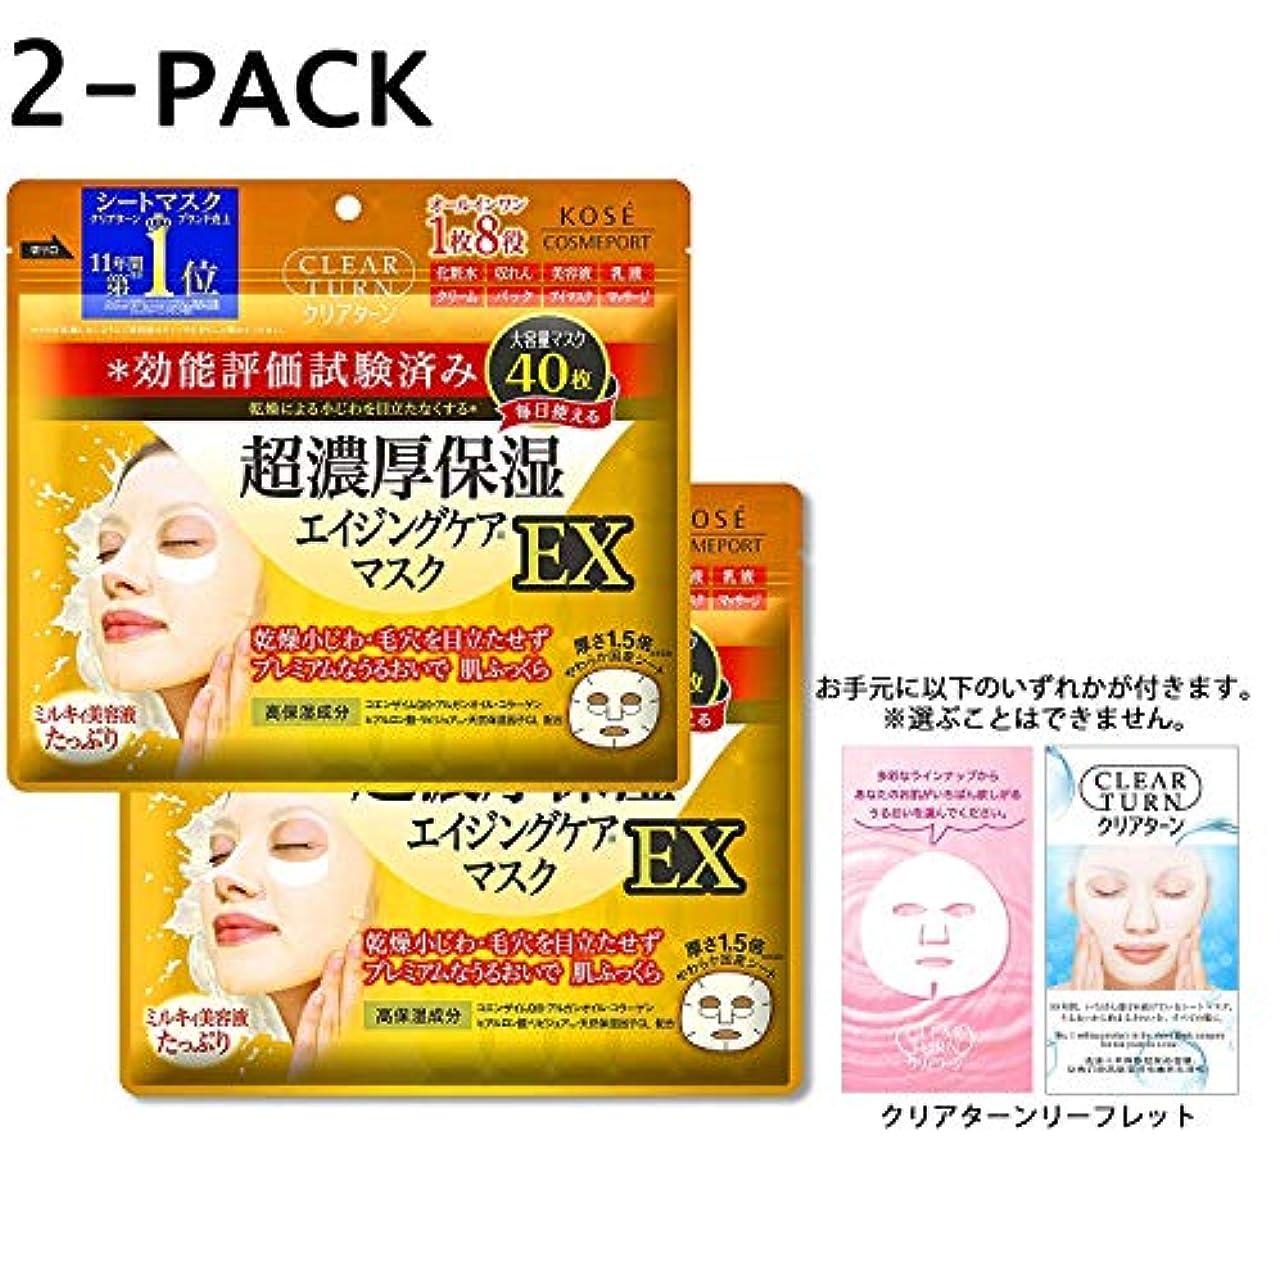 あらゆる種類のシソーラスさわやか【Amazon.co.jp限定】KOSE クリアターン 超濃厚保湿マスク EX(40枚入) 2P+リーフレット フェイスマスク